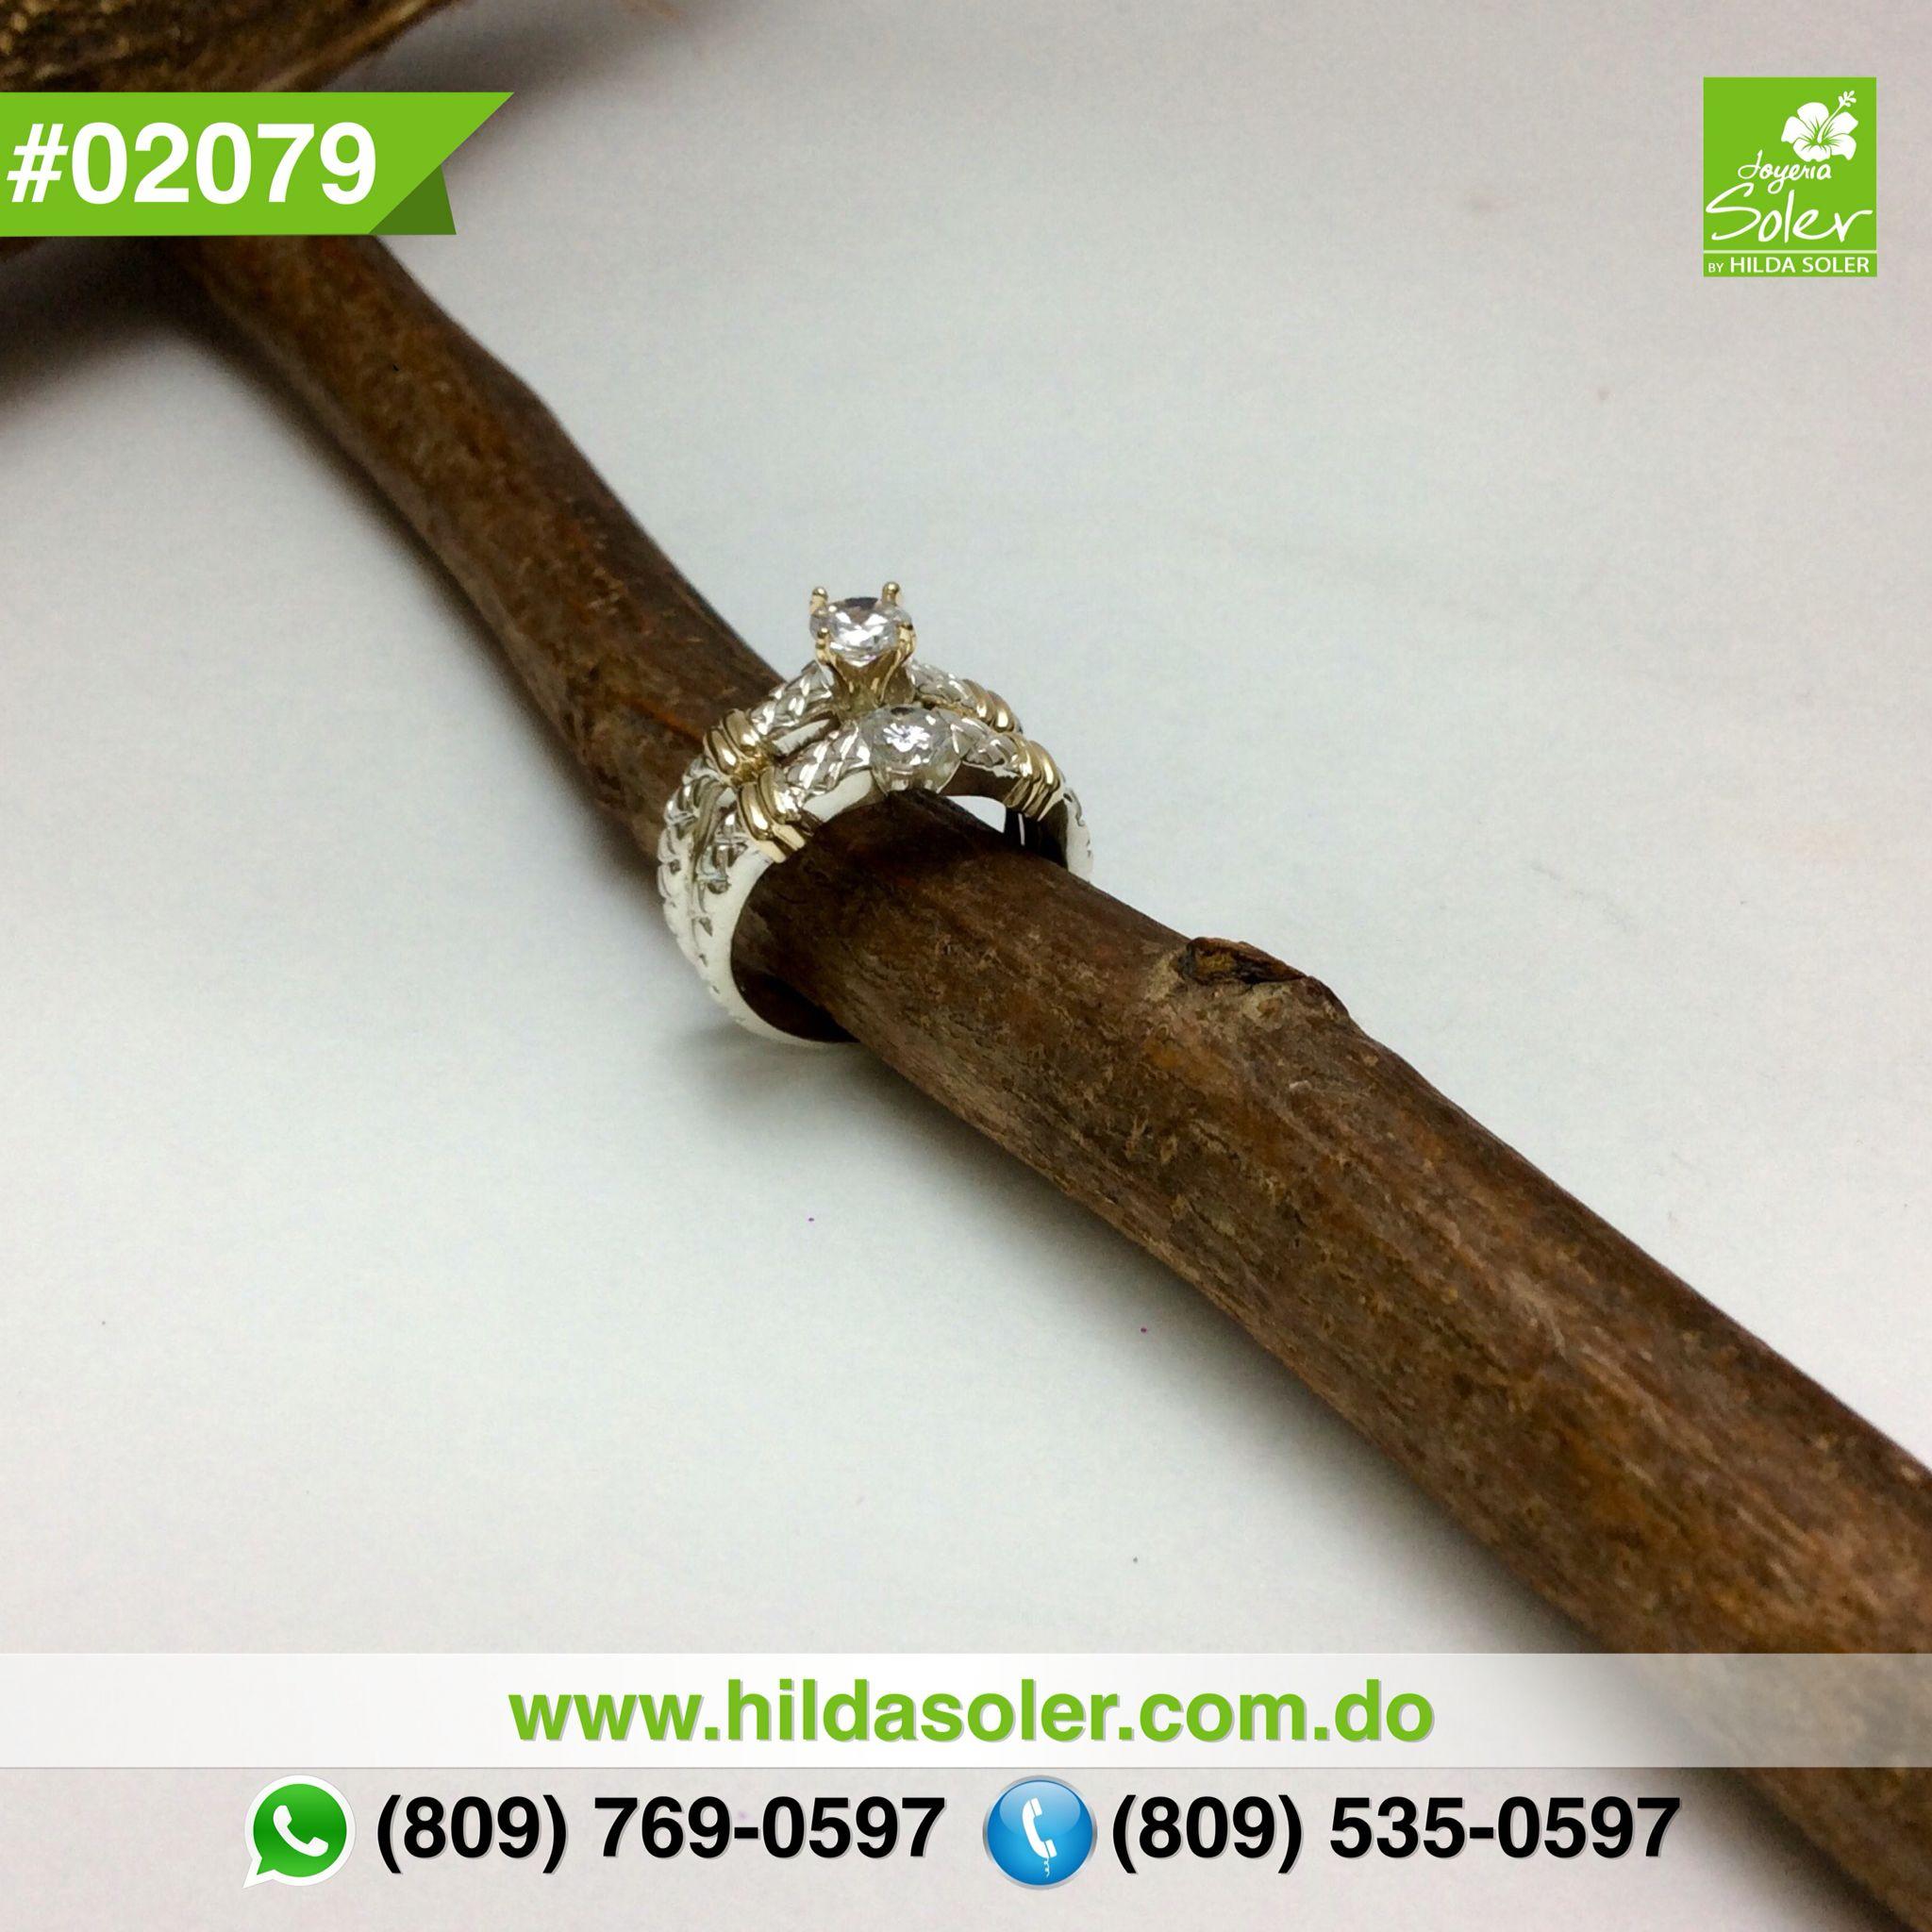 Par de anillos de bodas en plata 925 y oro 14 KT  RD $6,500 pesos  Grabado .... GRATIS !!!!